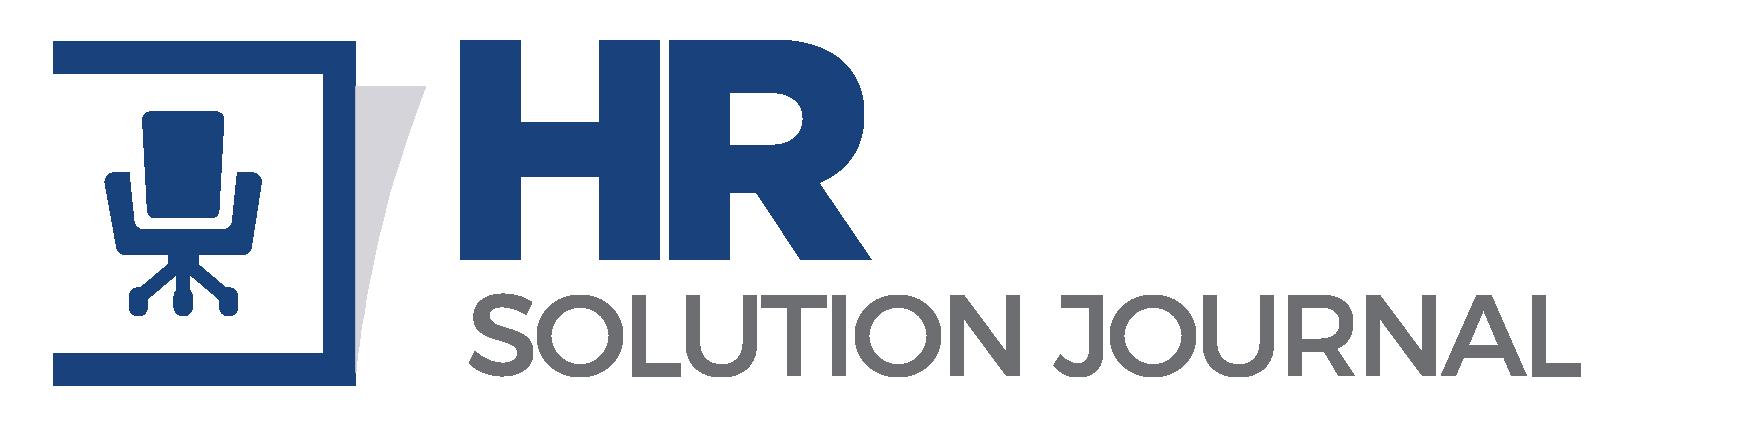 HR Solution Journal